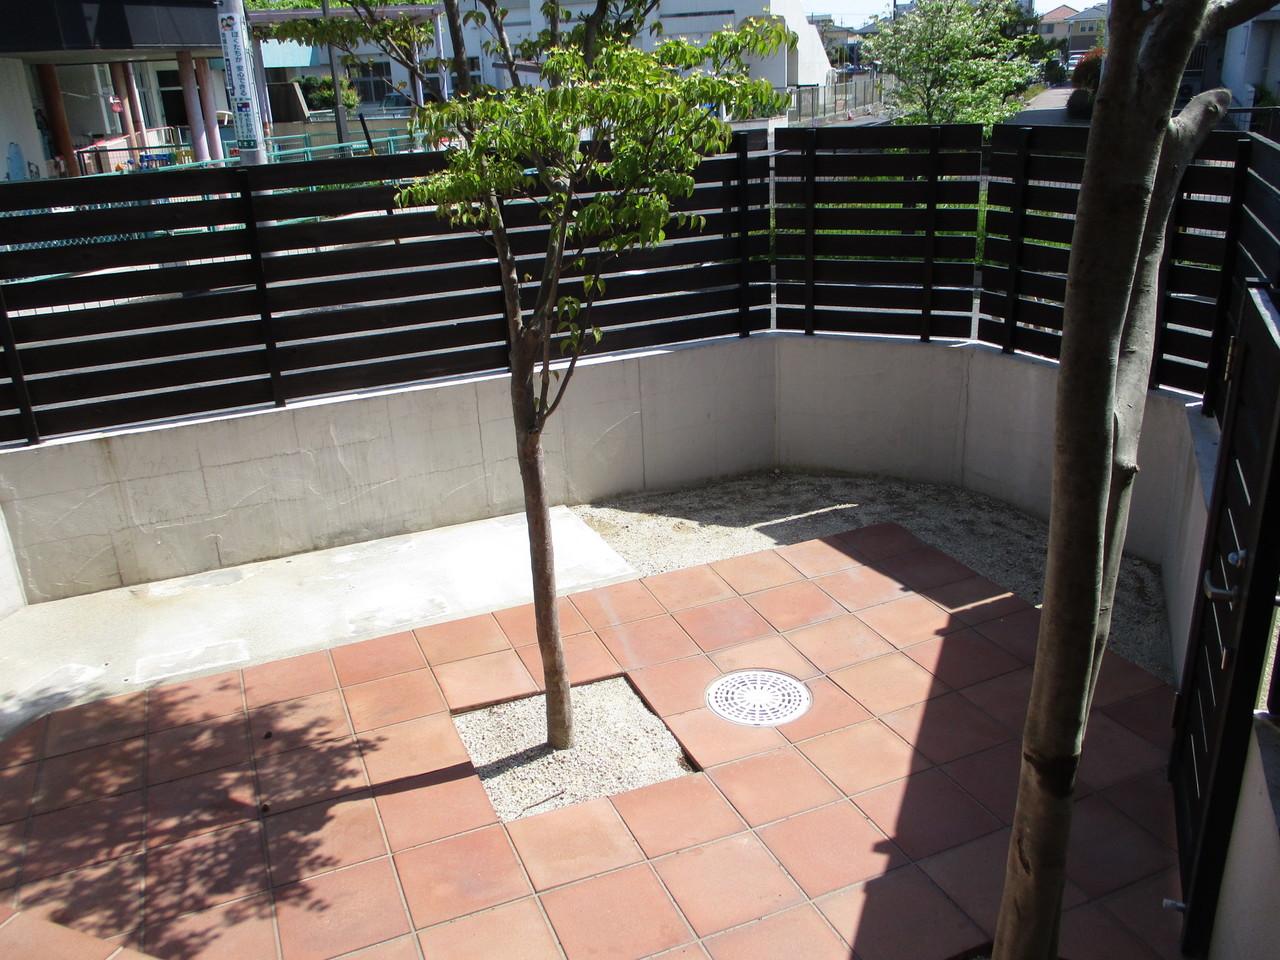 タイル貼りの庭でバーベキュー